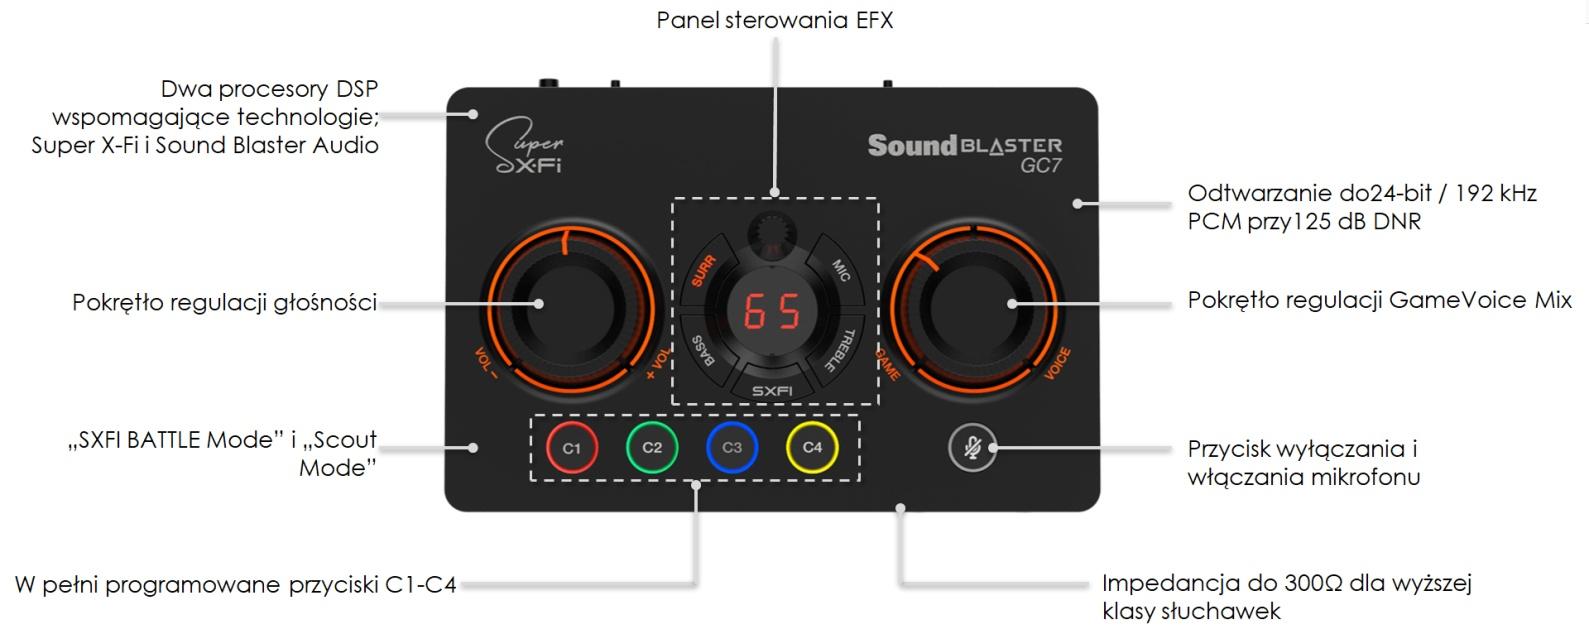 new -Sound-Blaster-GC7-2